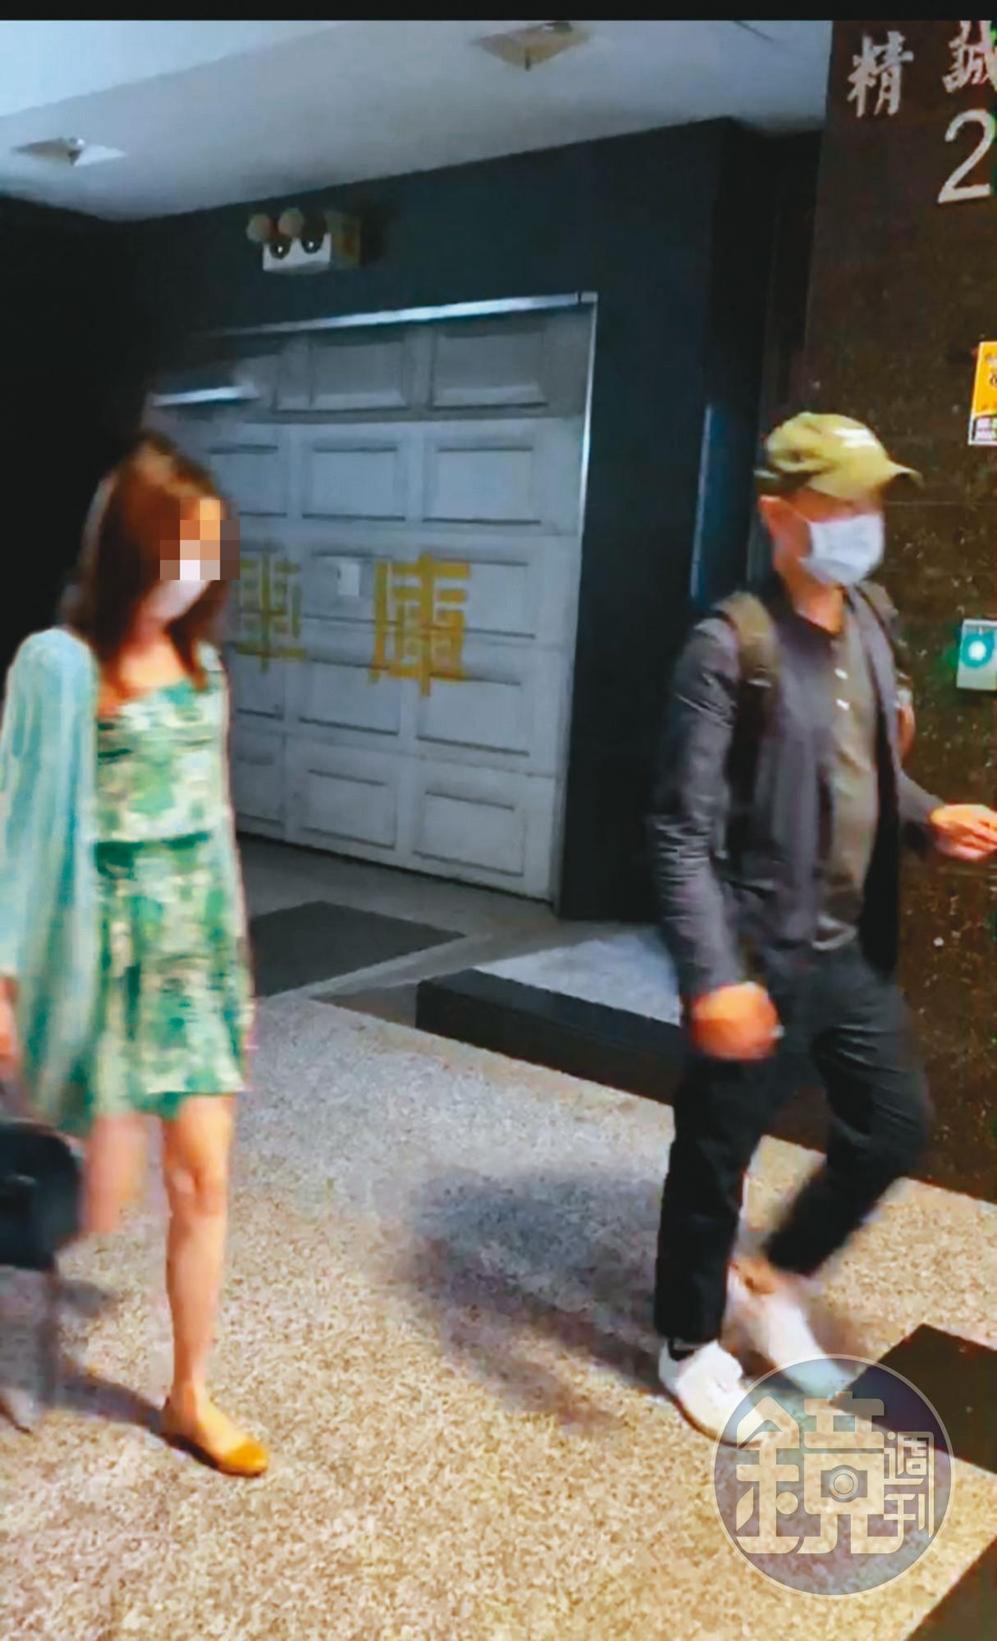 朱康震(右)與女下屬(左)下班後常一起吃飯、約會。(讀者提供,圖經變裝變色處理)